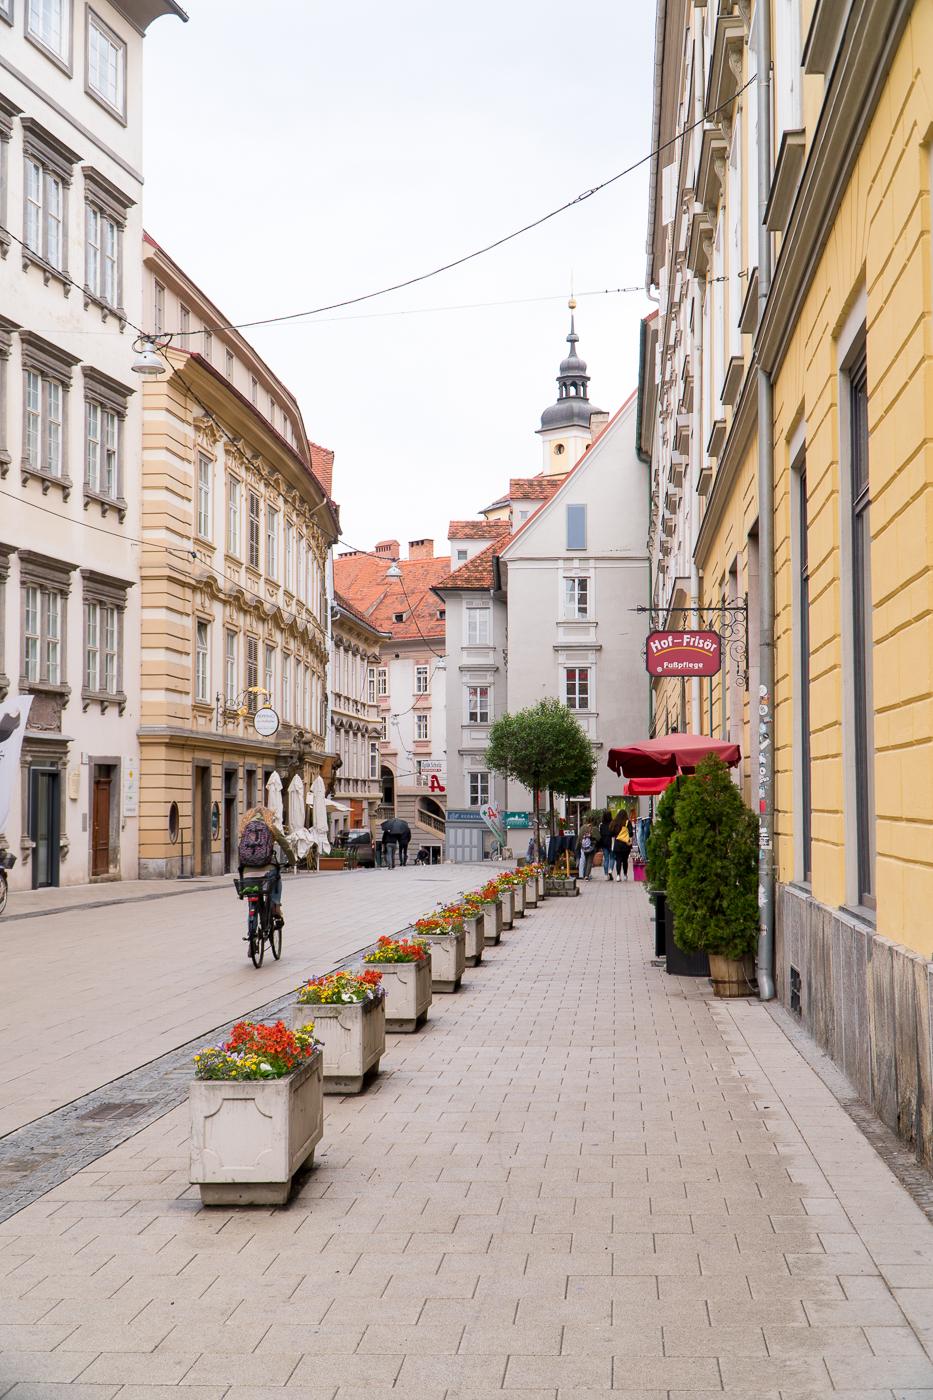 Personne à vélo dans la rue de Graz en Autriche